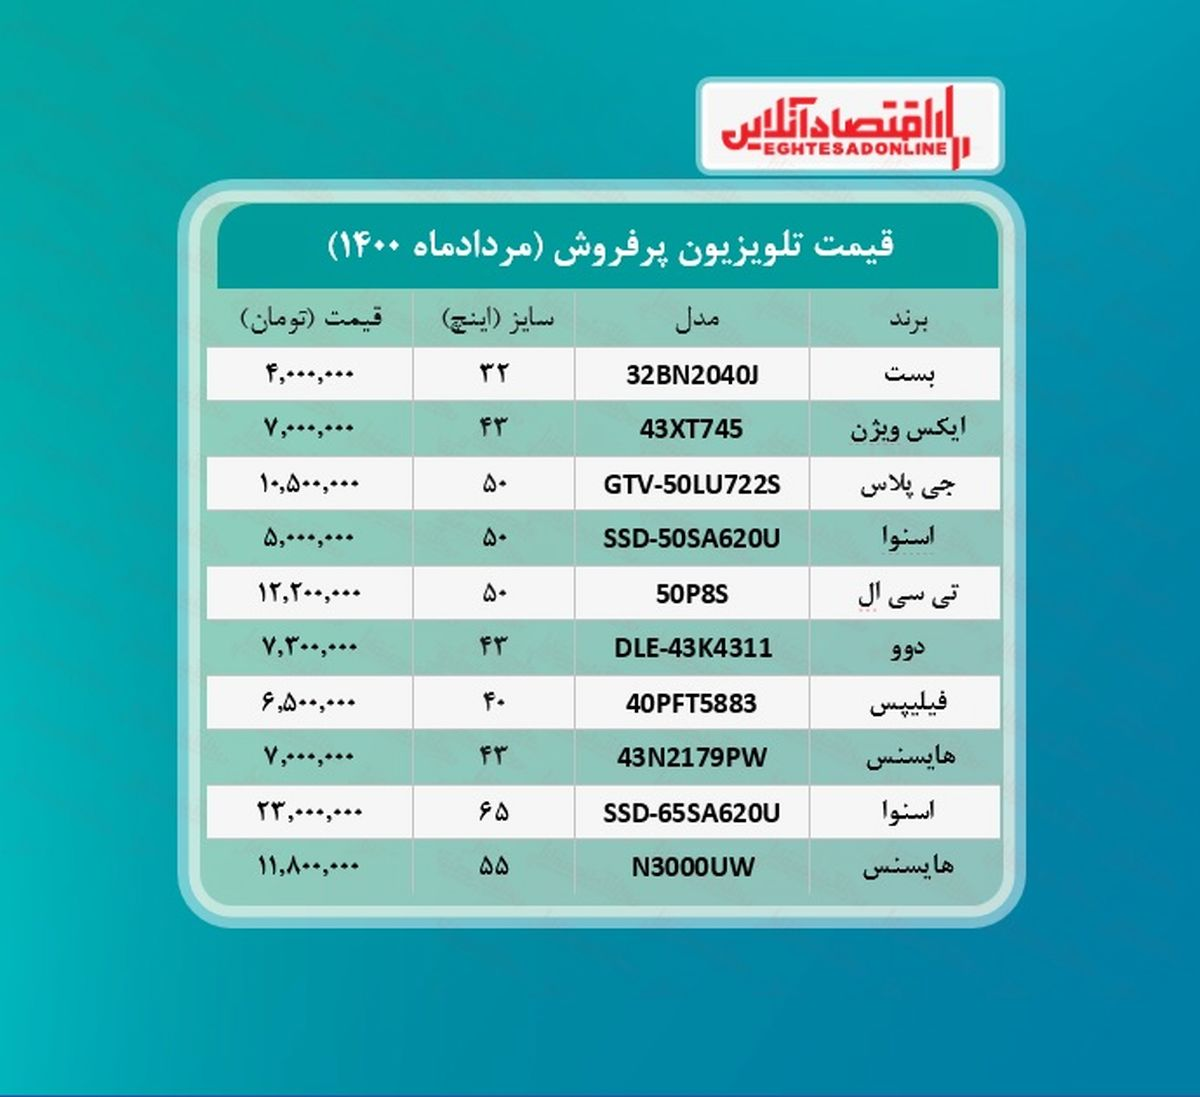 پرطرفدارترین تلویزیون های بازار چند؟ / ۲۴مردادماه